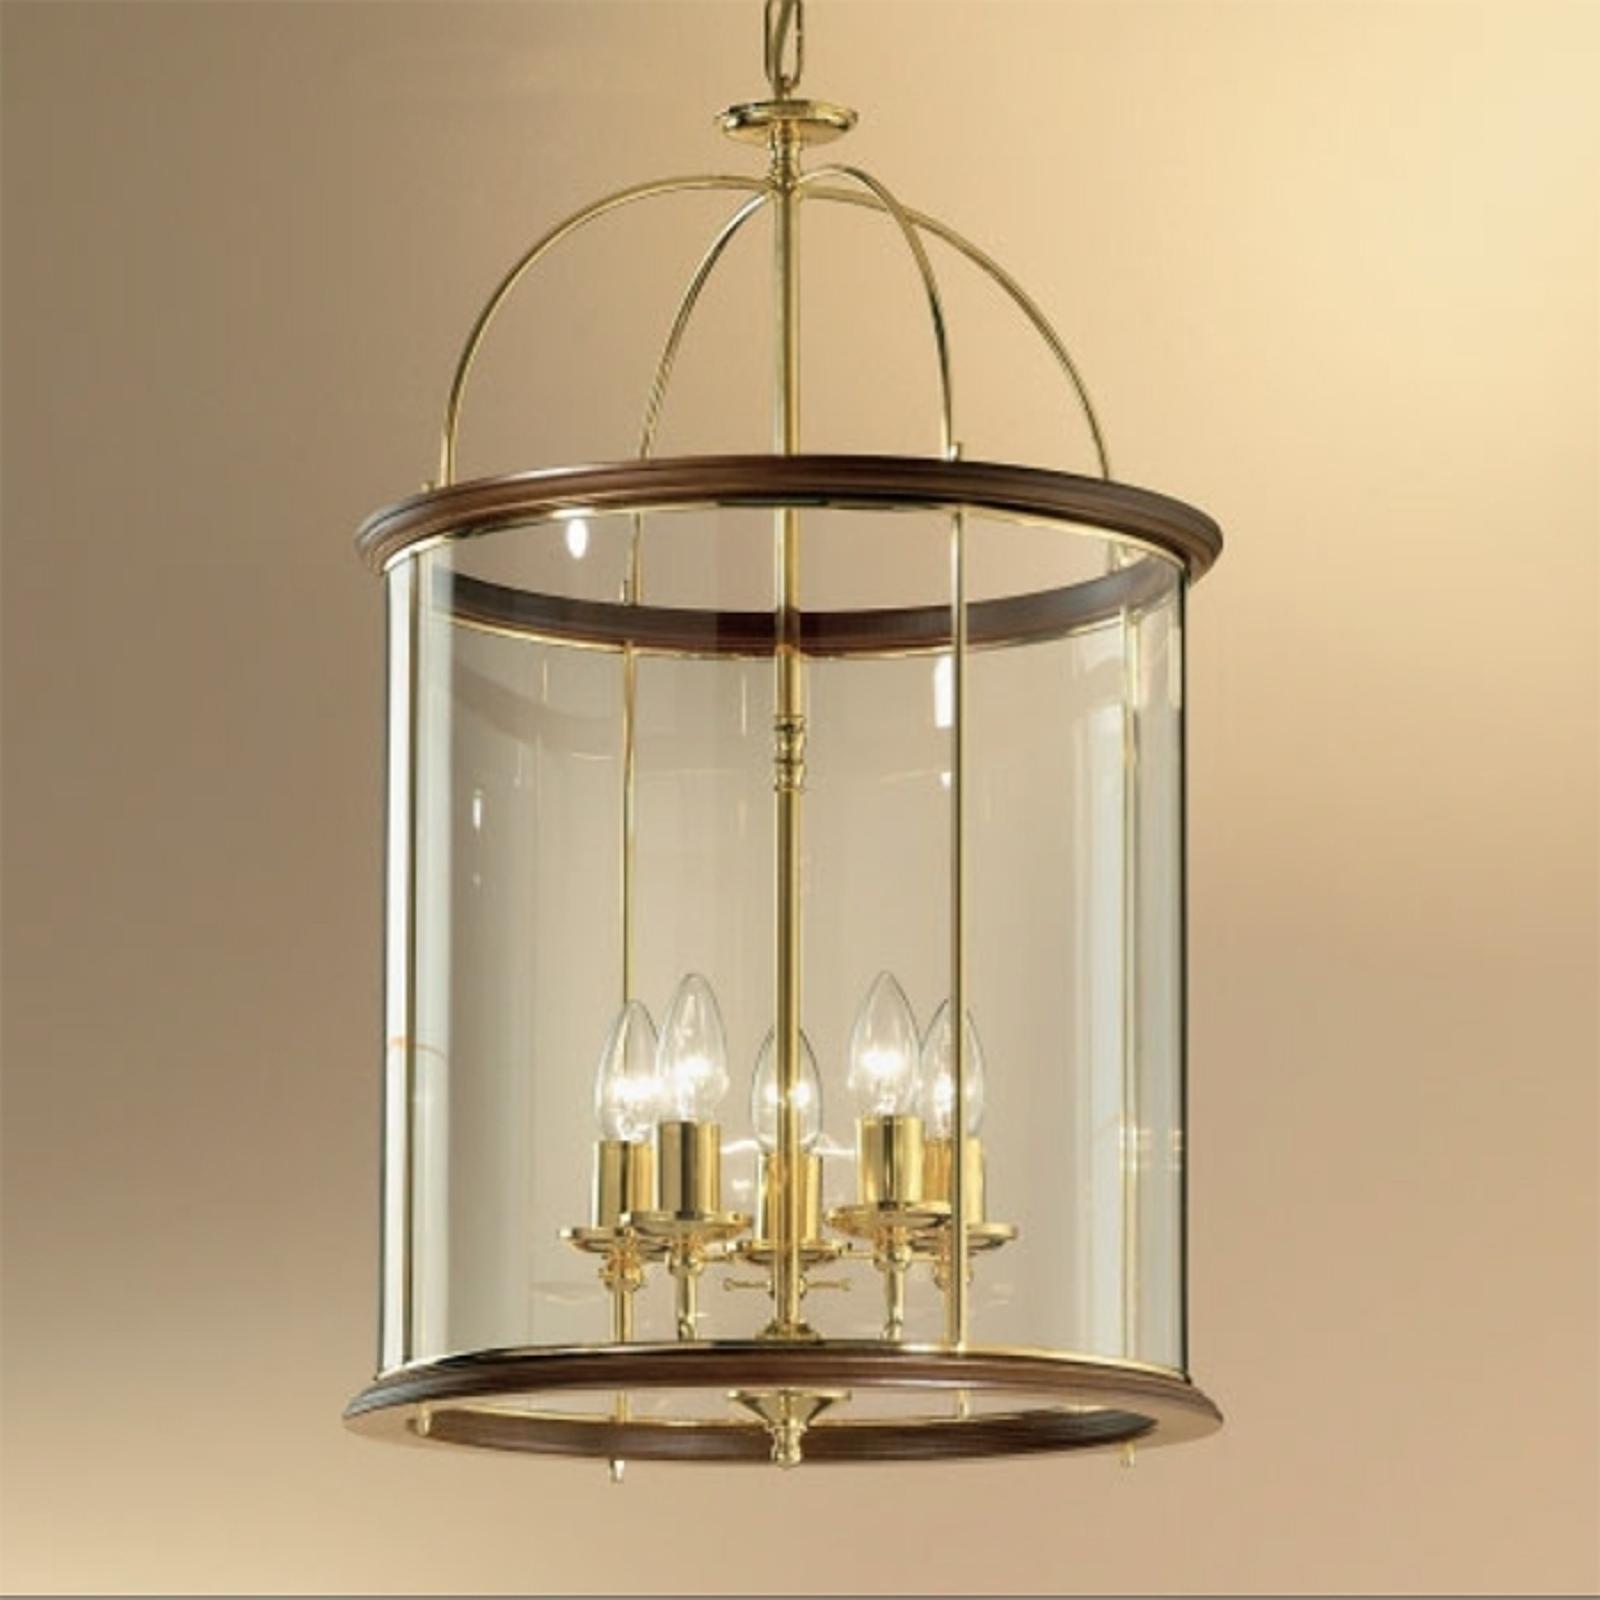 Závesná lampa Grazie, 5-plameňová_2008029_1